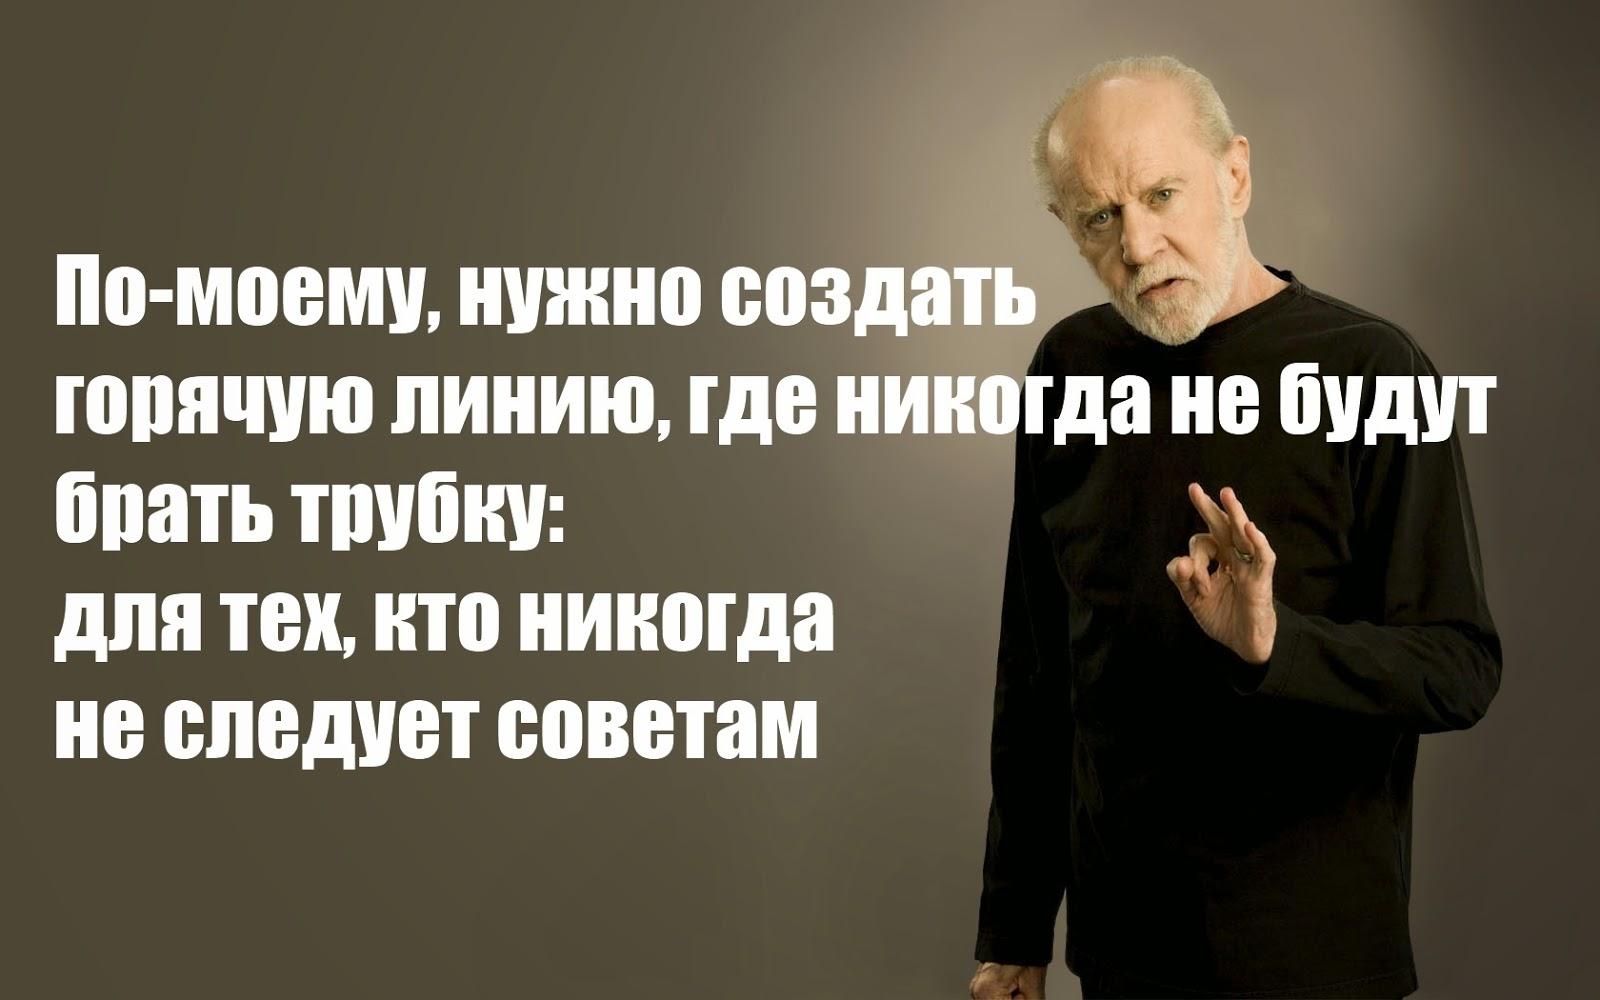 Цитаты от Джорджа Карлина (10 фото)